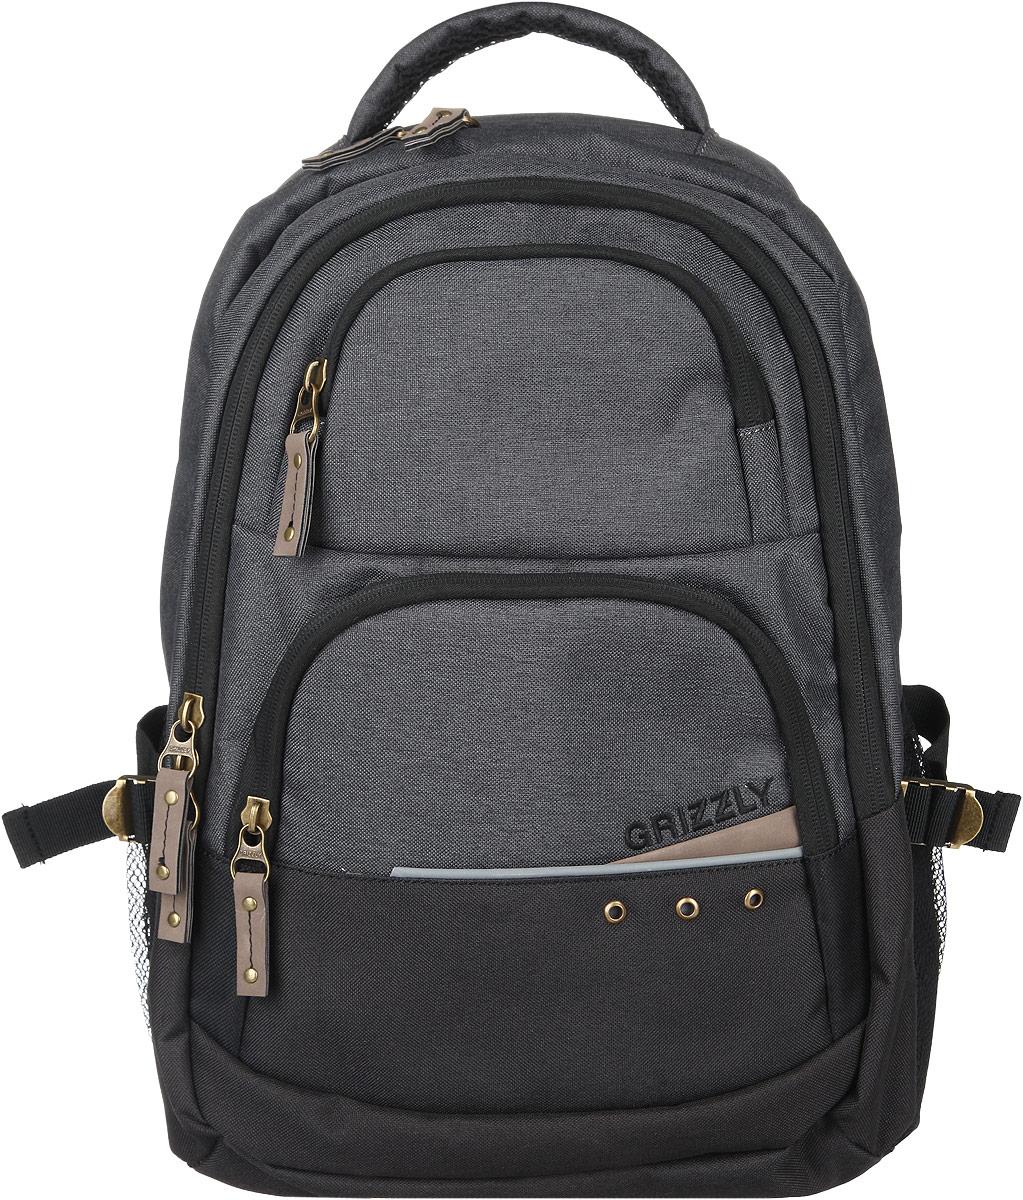 Рюкзак мужской Grizzly, цвет: серый, 29 л. RU-612-1/3RU-612-1/3Стильный мужской рюкзак Grizzly выполнен из полиэстера, оформлен вышивкой с изображением логотипа бренда. Рюкзак содержит два вместительных отделения, каждое из которых закрывается на молнию. Внутри первого отделения расположен нашивной карман на молнии. Снаружи, по бокам изделия, расположены два сетчатых кармана. Лицевая сторона дополнена двумя вместительными карманами, каждый из которых закрывается на молнию. Больший карман оснащен органайзером, состоящим из двух накладных кармашков и двух секций для ручек. Рюкзак оснащен петлей для подвешивания, двумя практичными лямками регулируемой длины, а также нагрудным ремнем. Практичный рюкзак станет незаменимым аксессуаром и вместит в себя все необходимое.